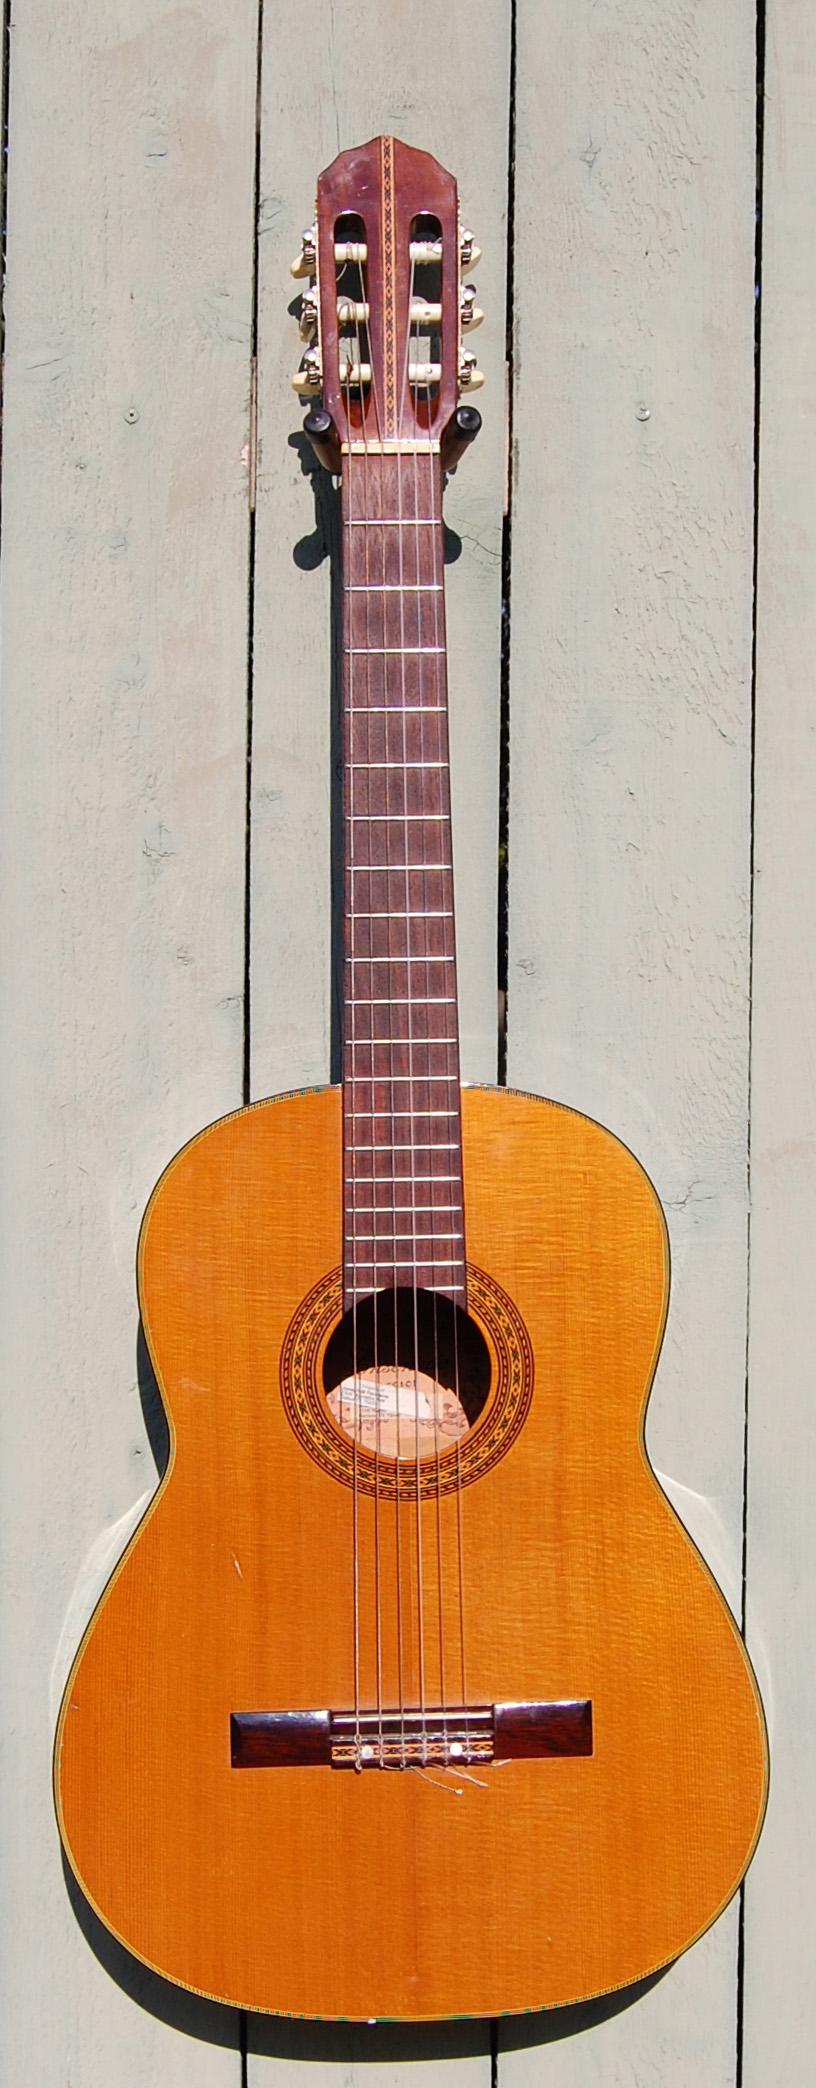 1972 Ensenada C105